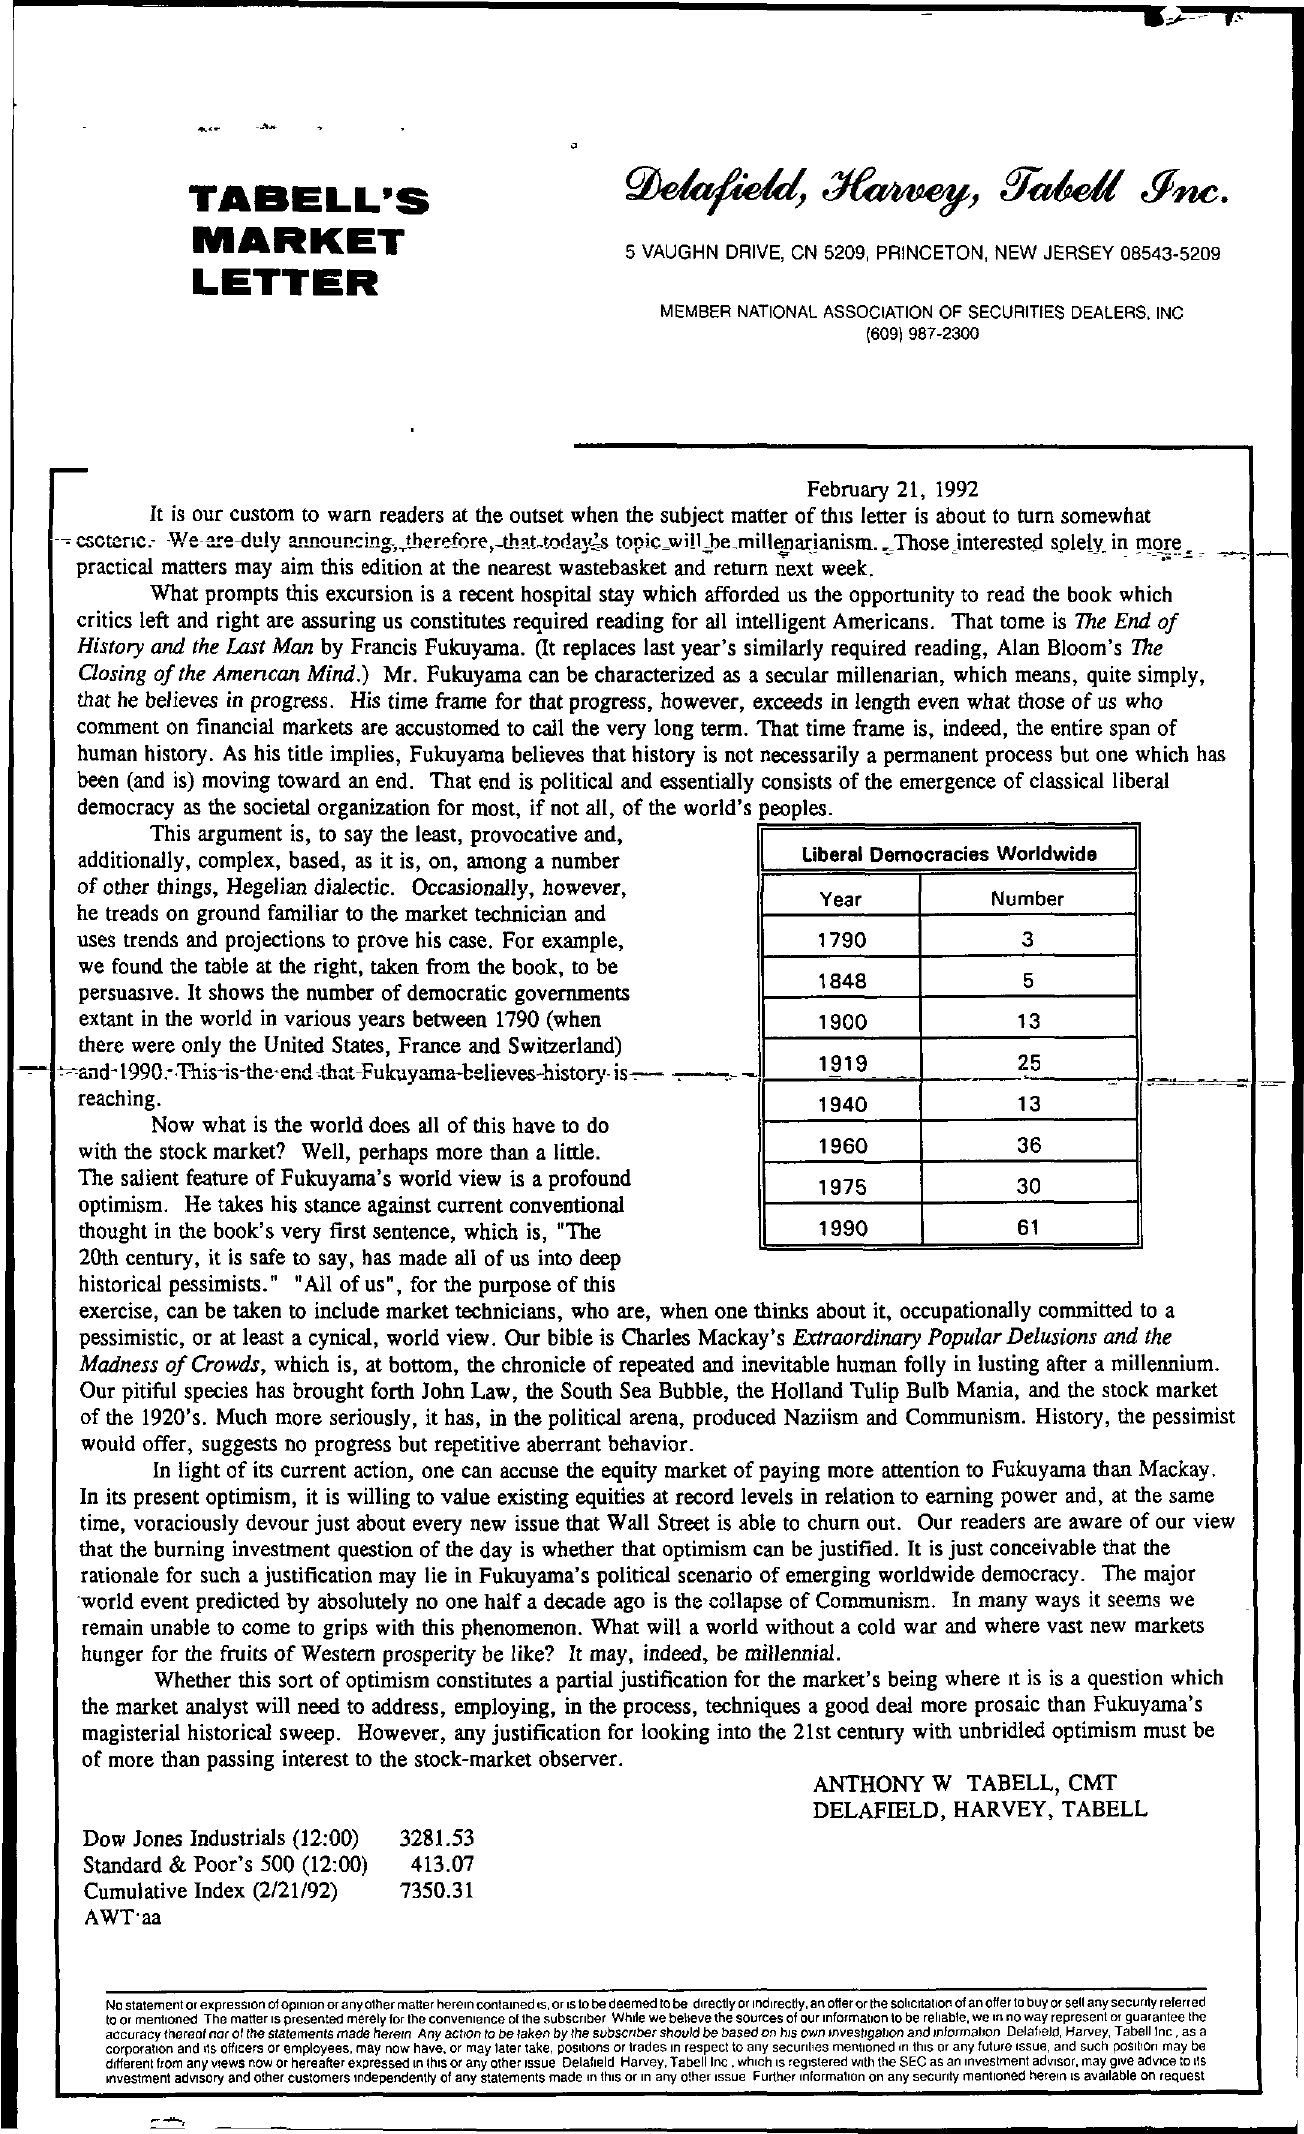 Tabell's Market Letter - February 21, 1992